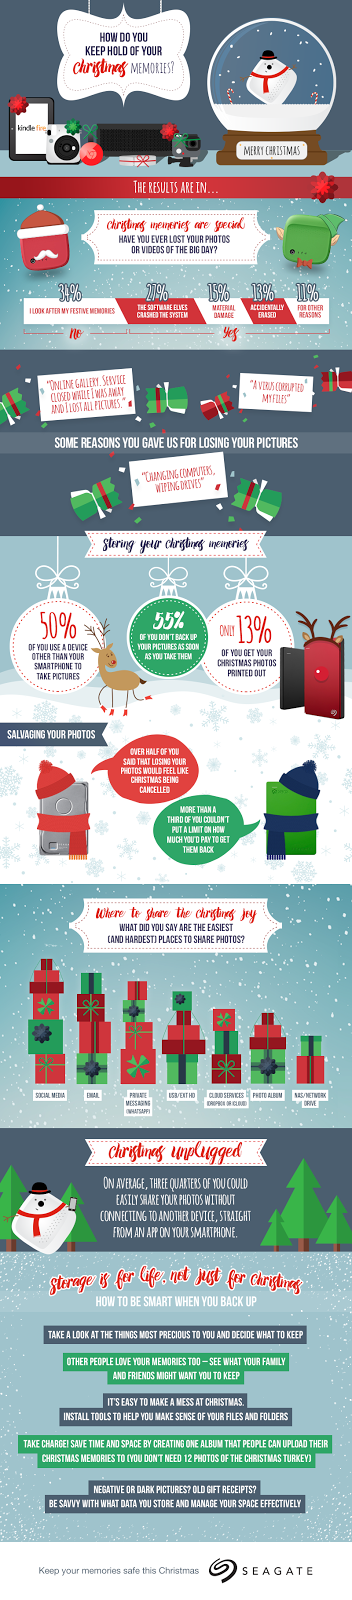 Seagate, infographic